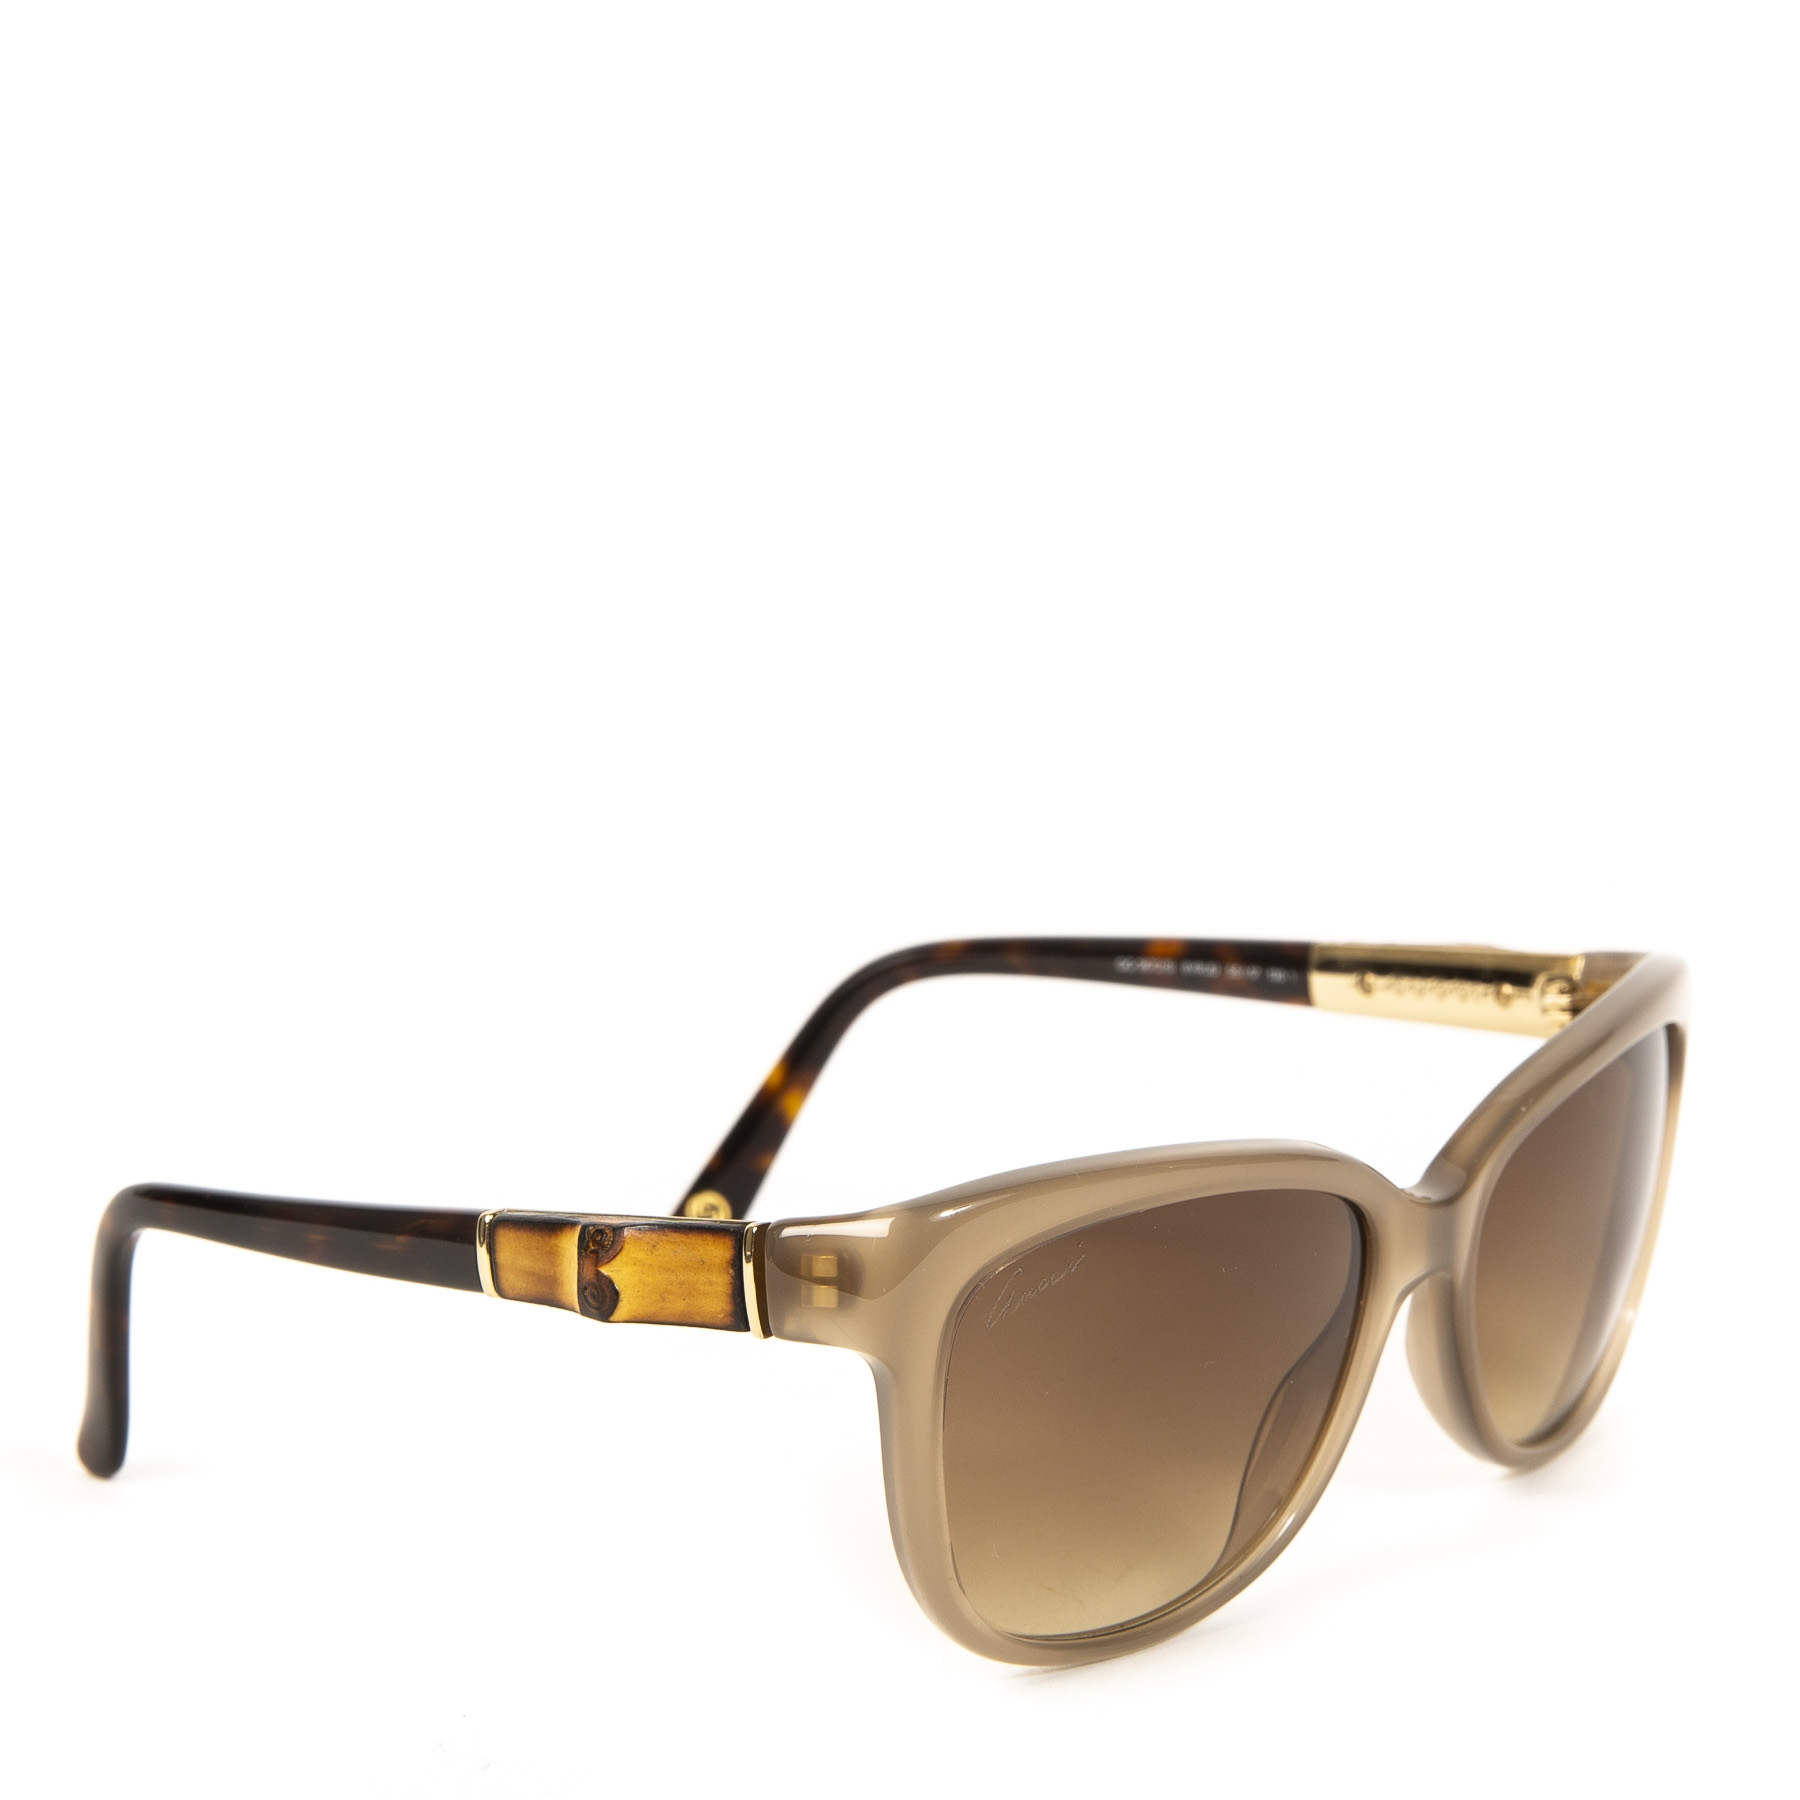 Authentieke Tweedehands Gucci Grey Bamboo Sunglasses juiste prijs veilig online shoppen luxe merken webshop winkelen Antwerpen België mode fashion